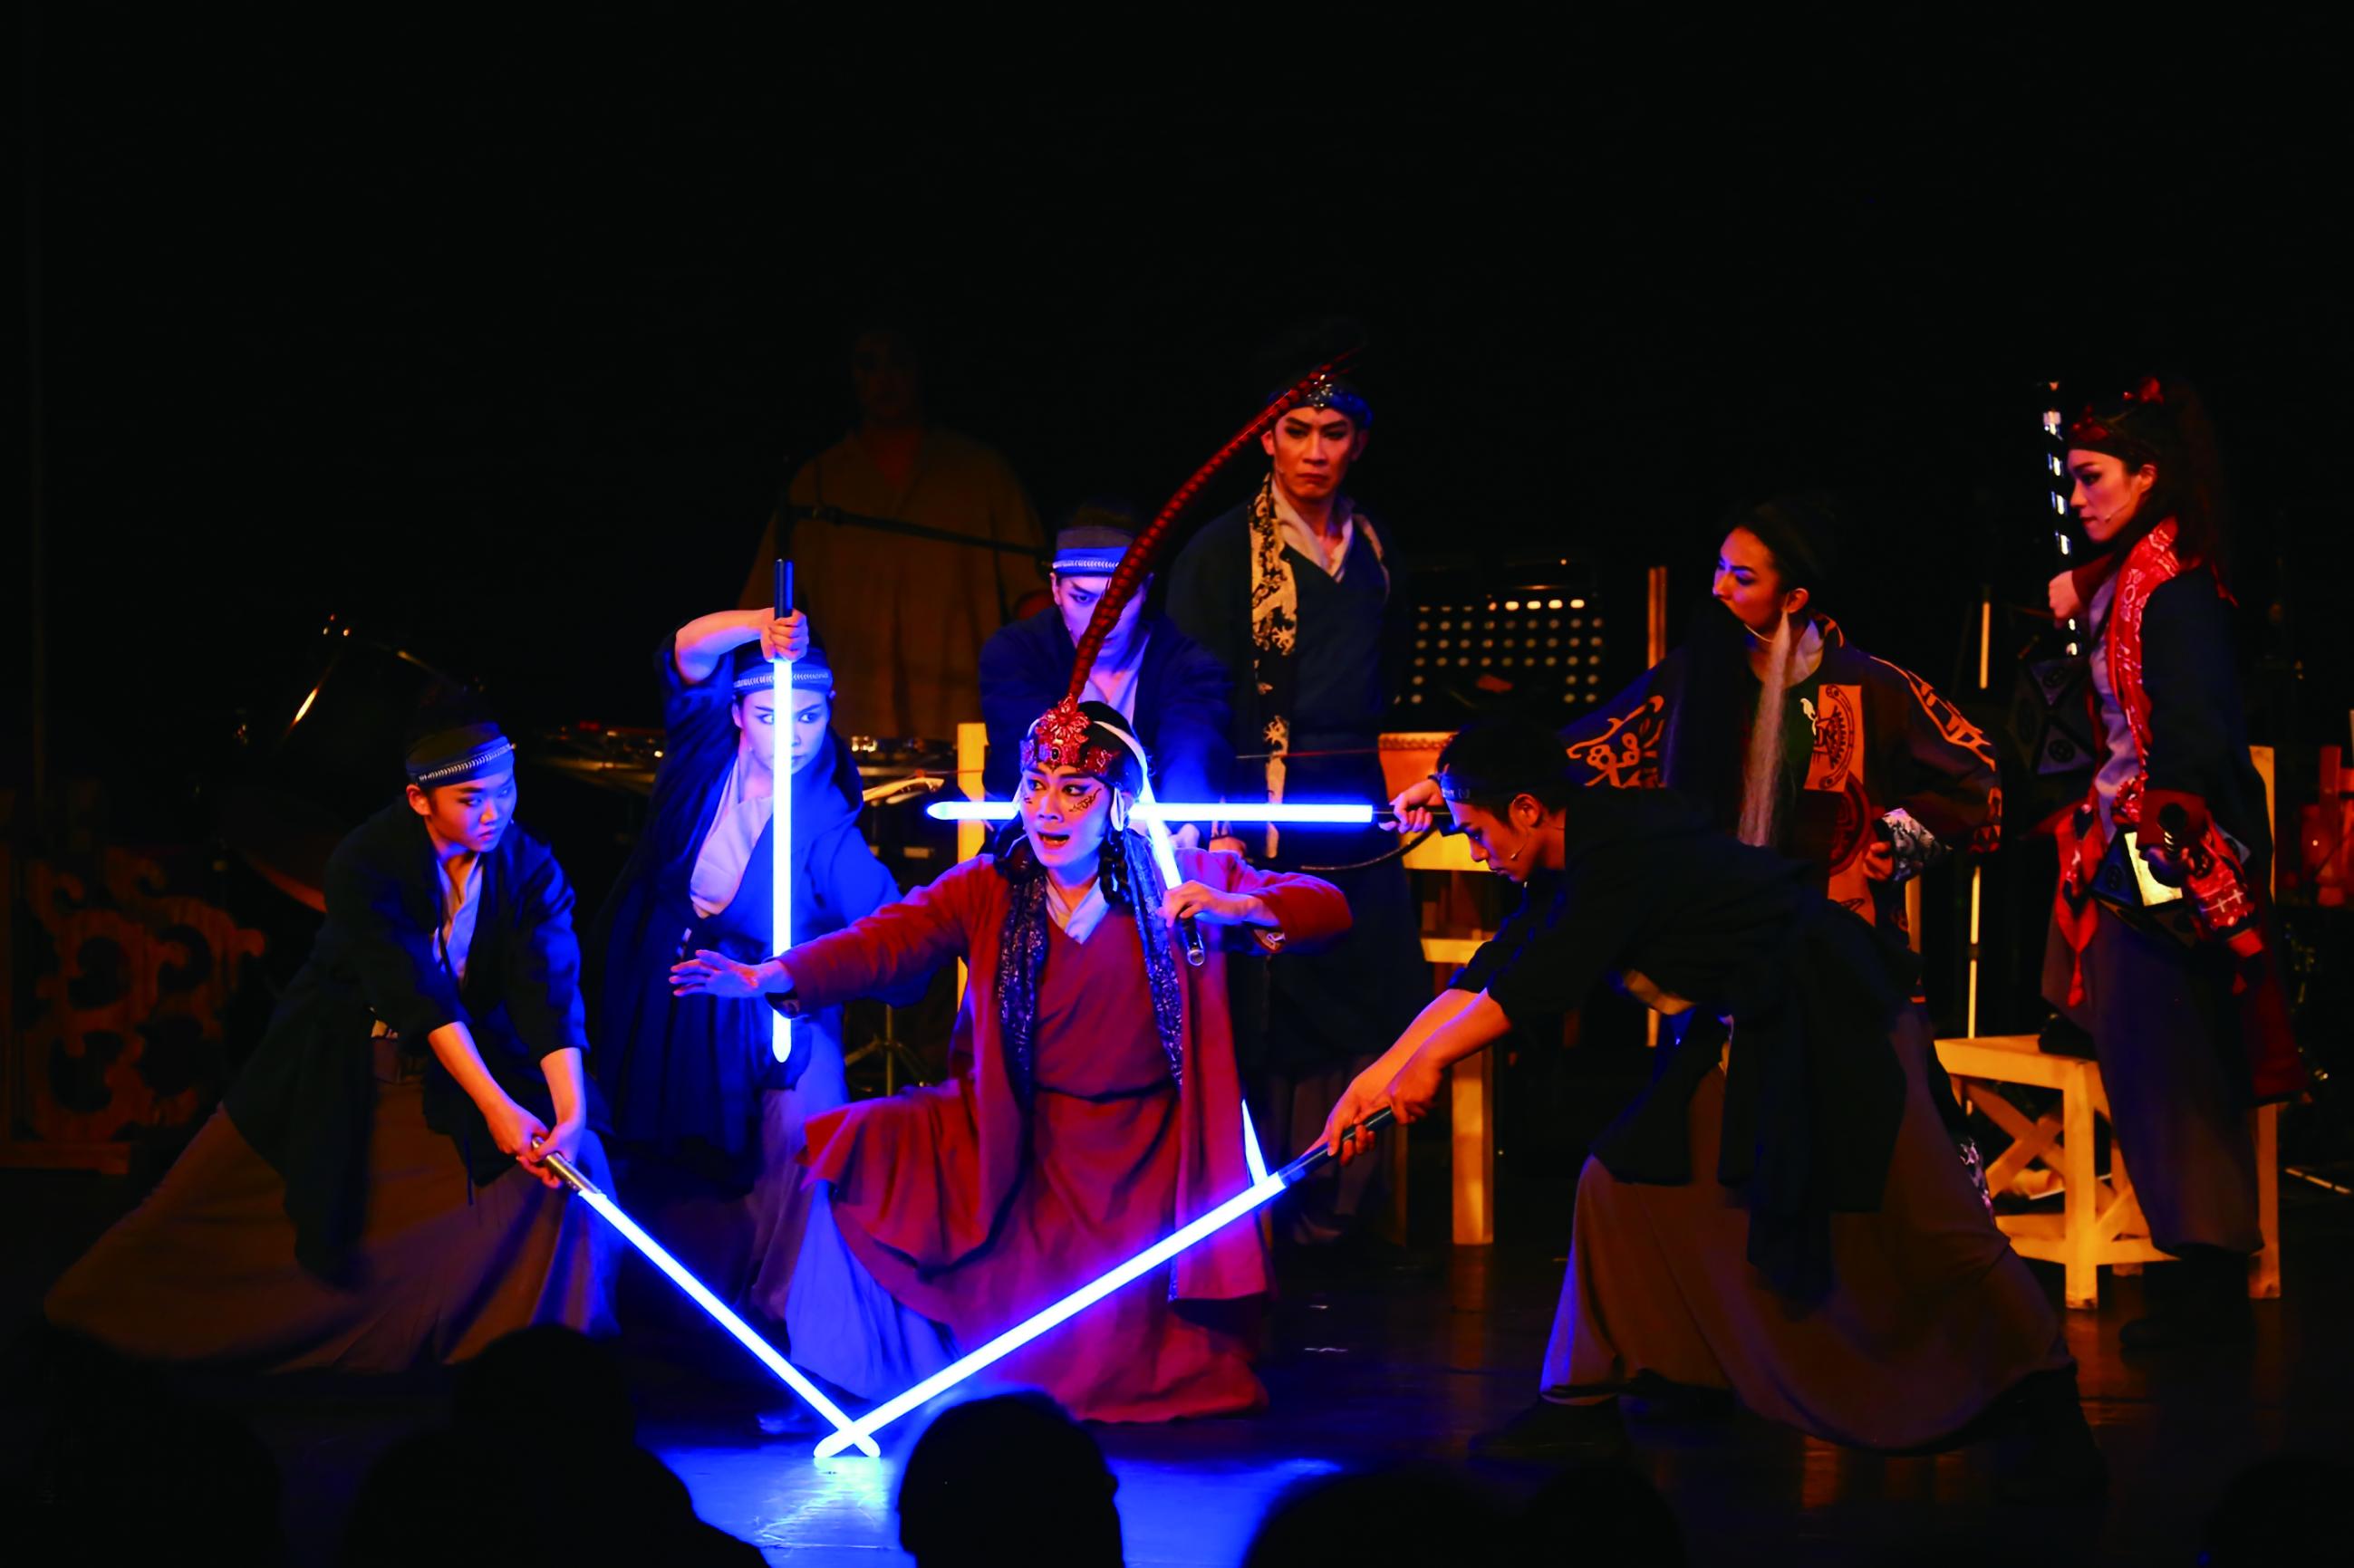 第五屆柏優座推出《行動代號莫須有》,該團連續五年獲得青藝節青睞。.jpg